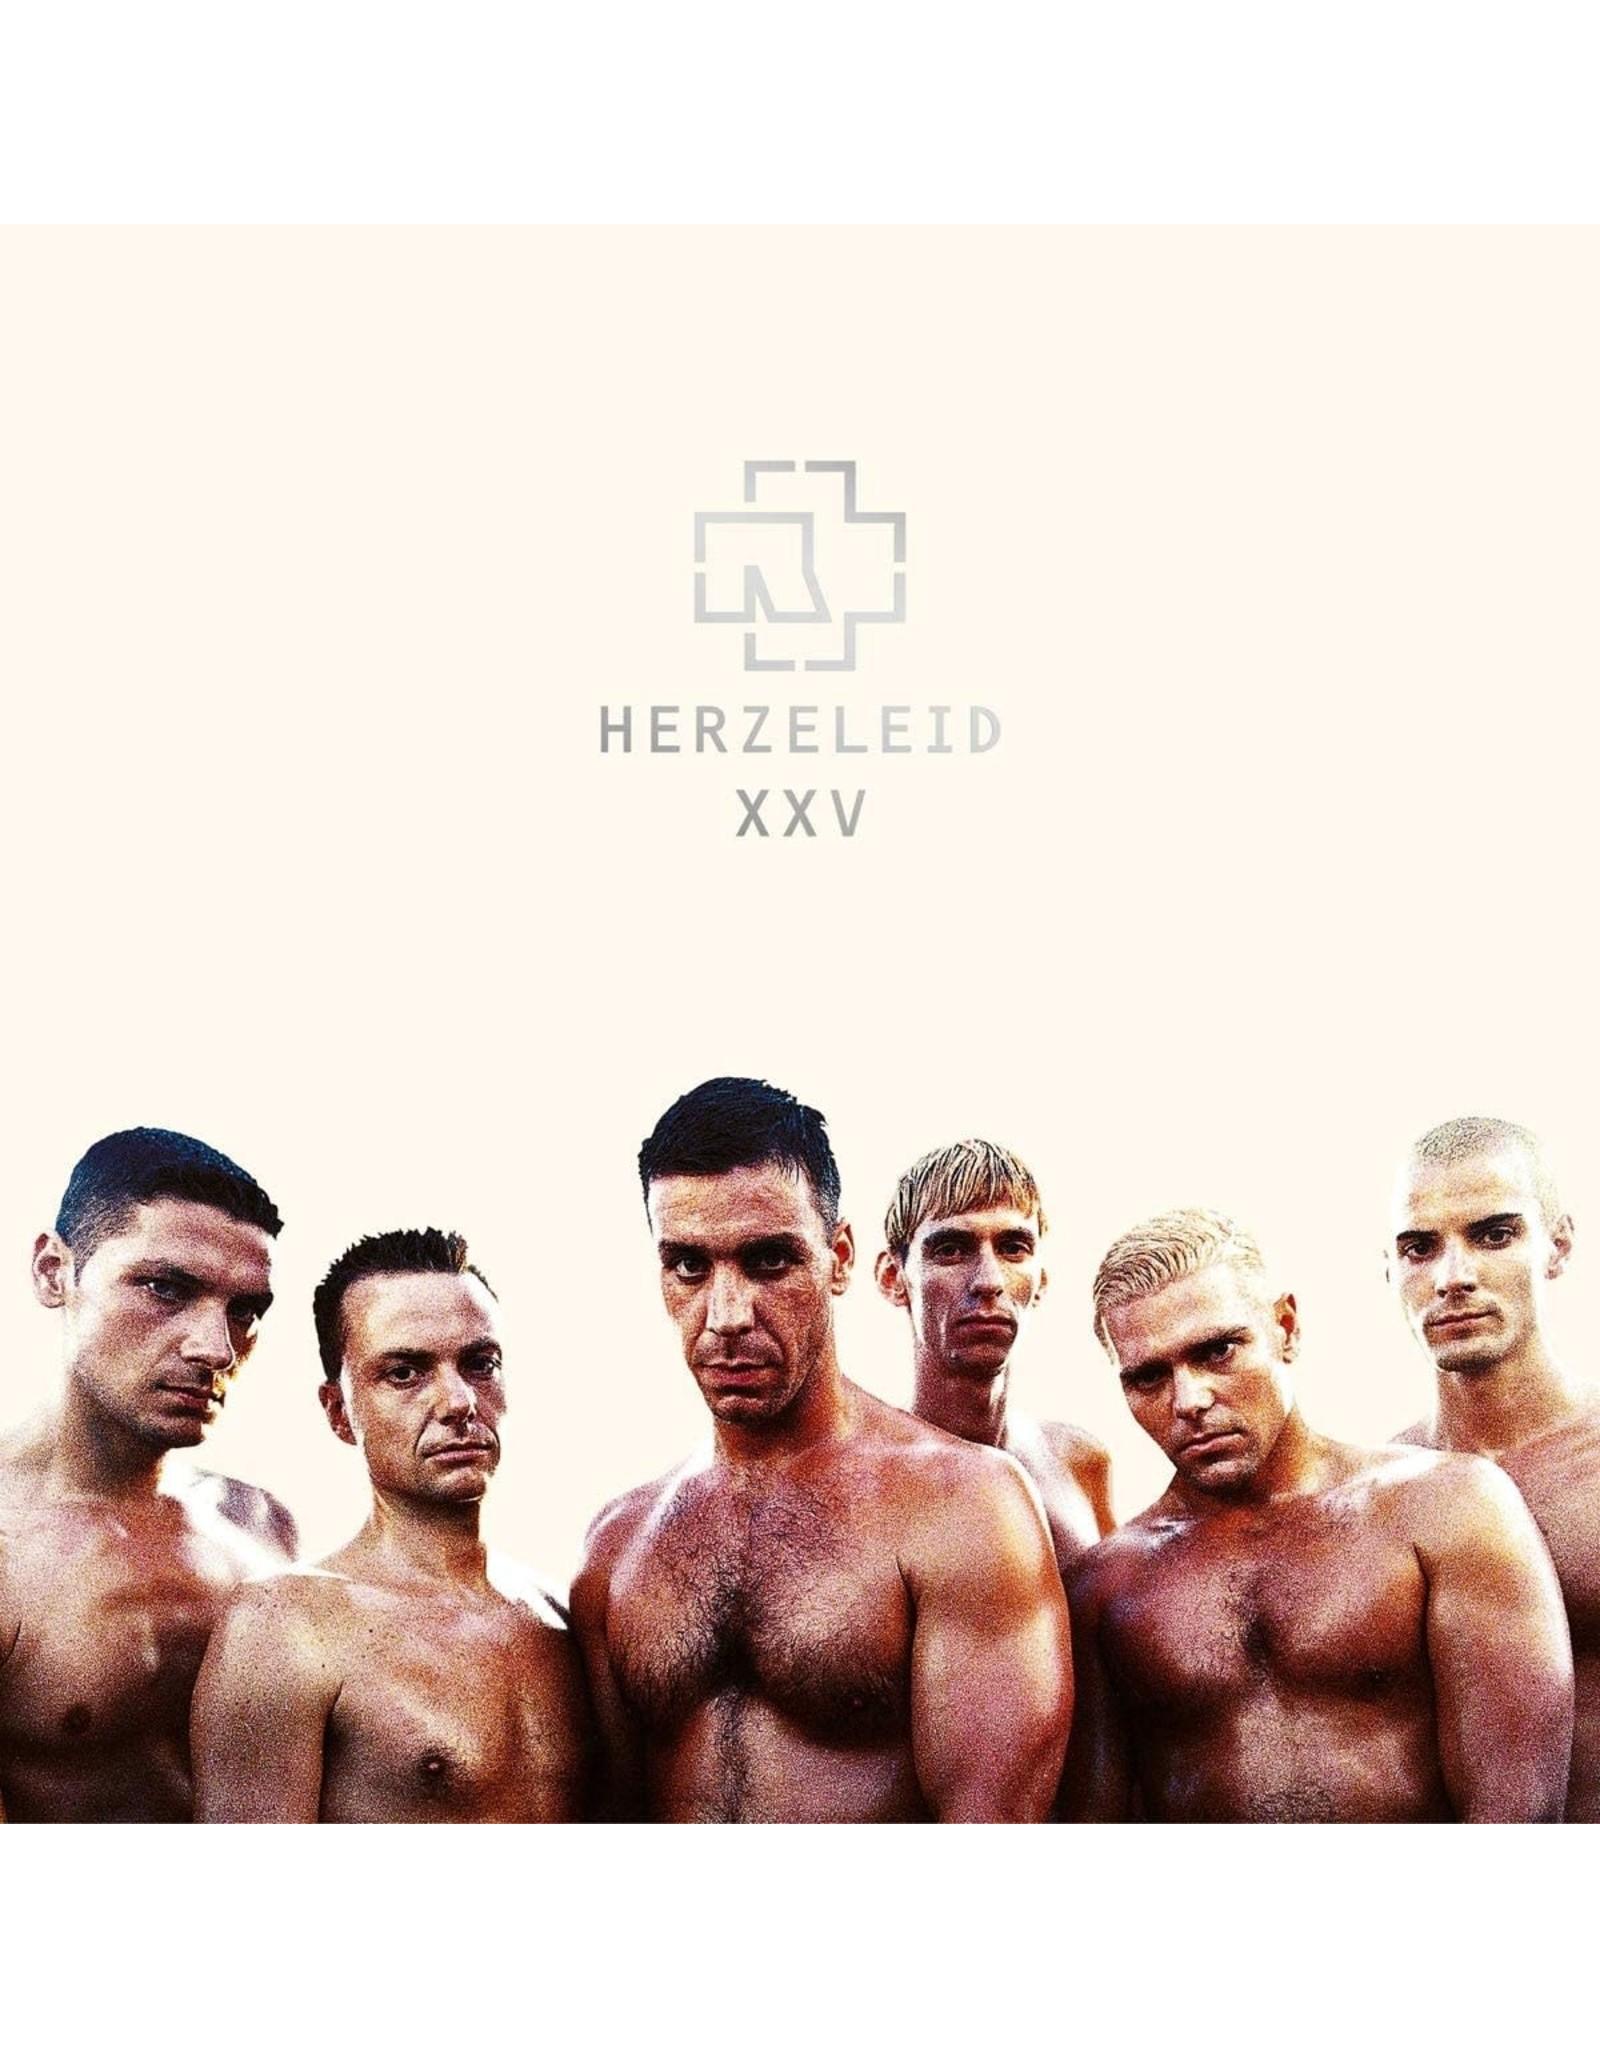 Rammstein - Herzeleid (Ltd. XXV Anniversary) 2LP